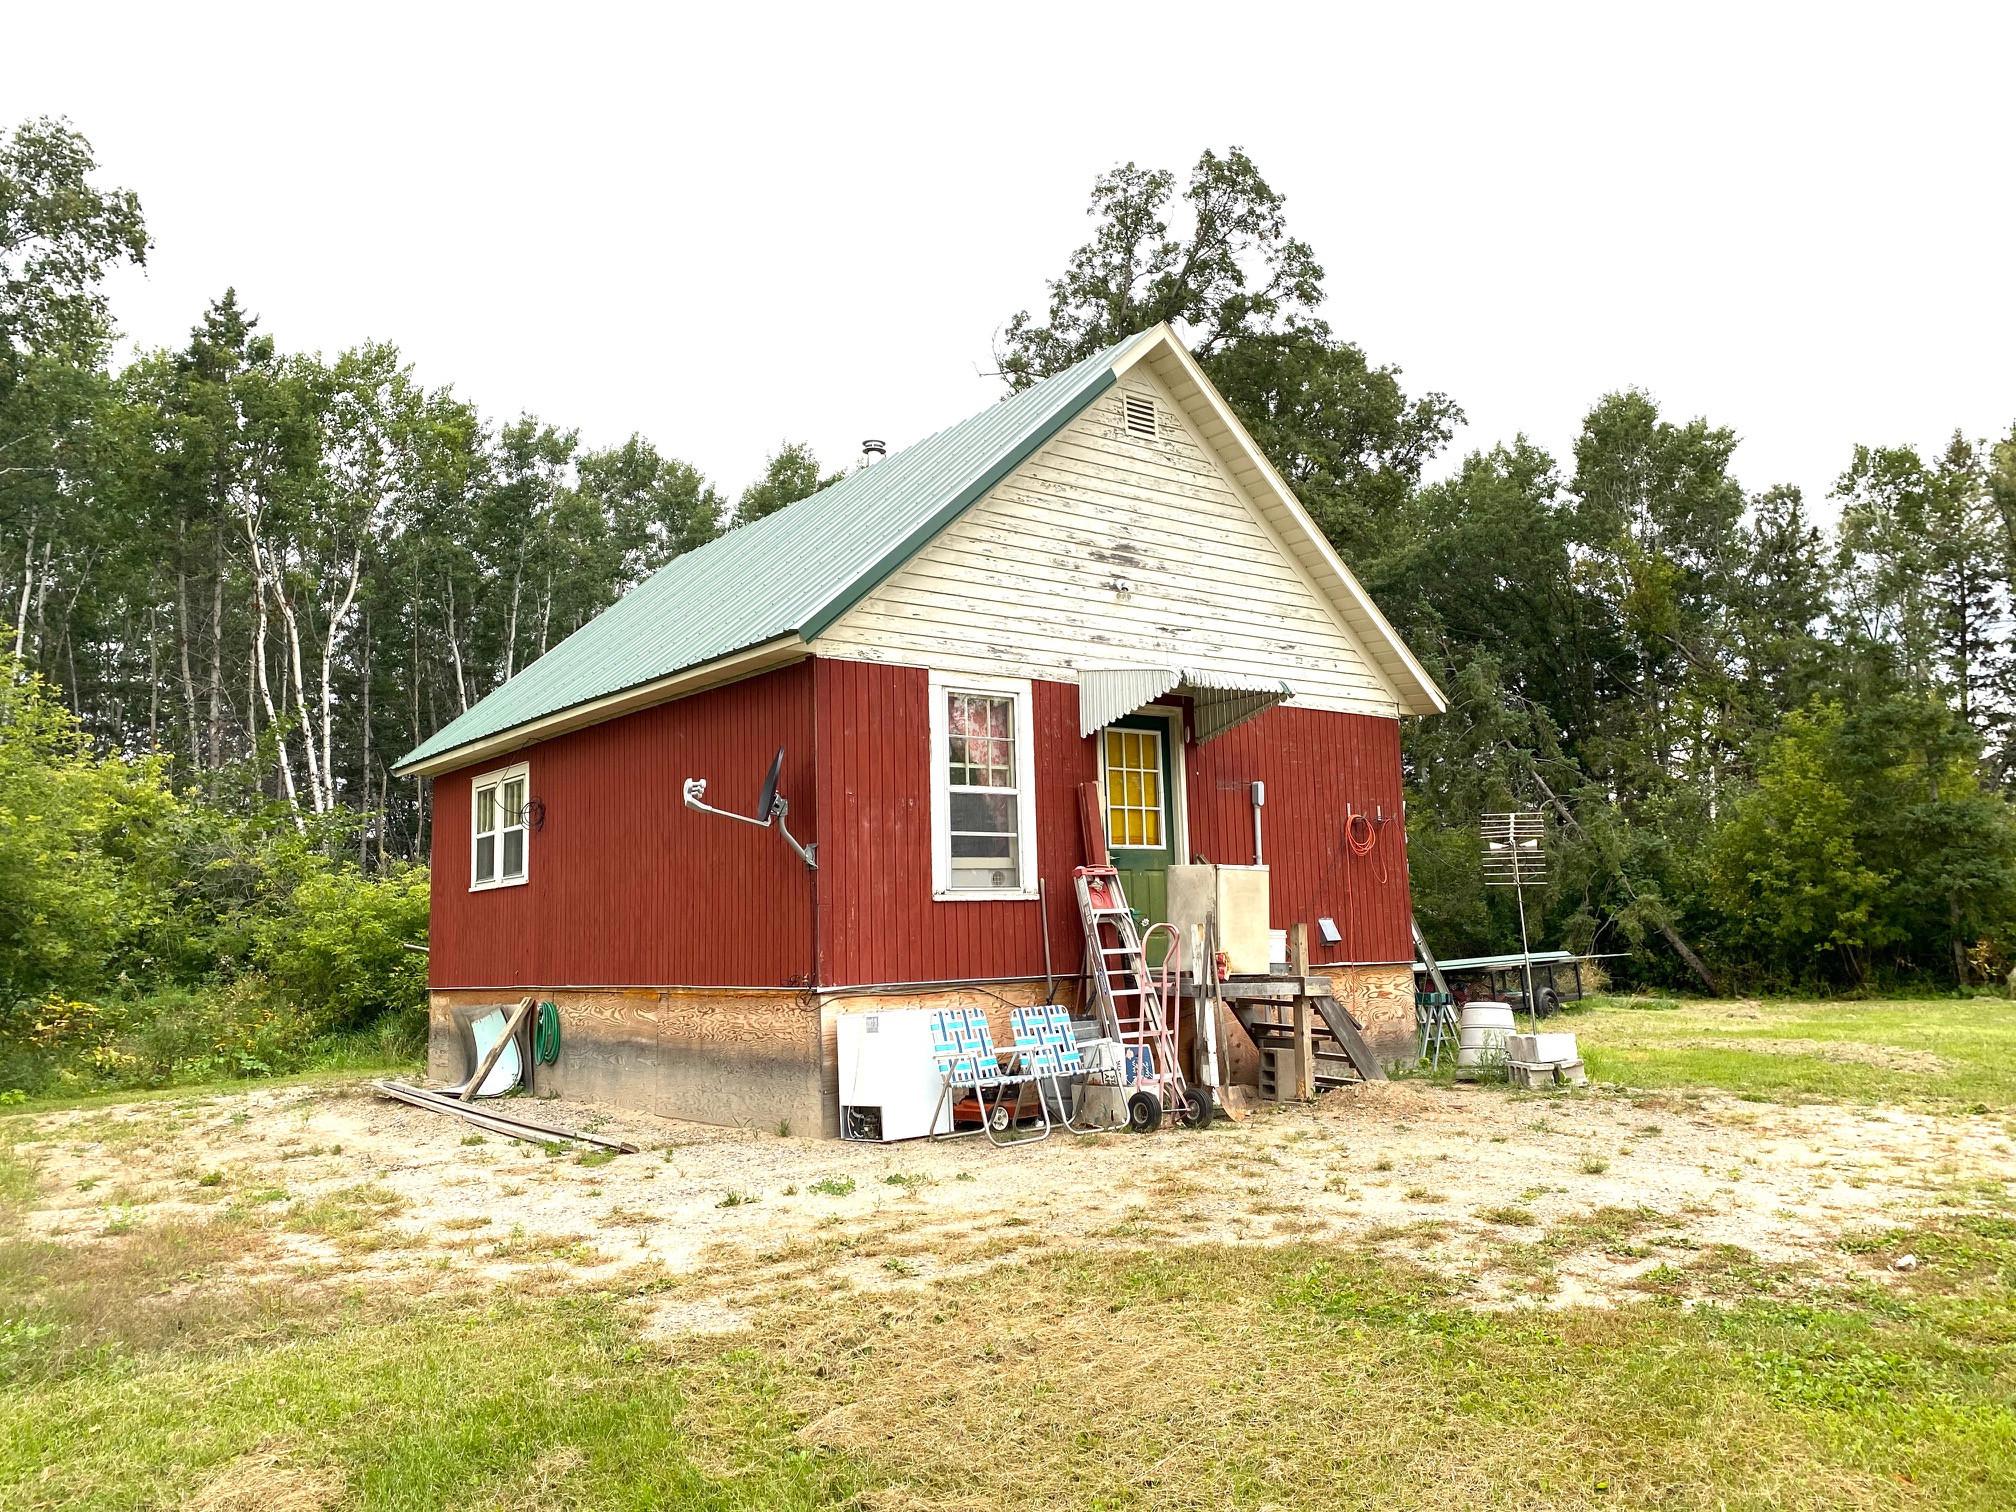 42221 County Road 2, Roseau, MN 56751